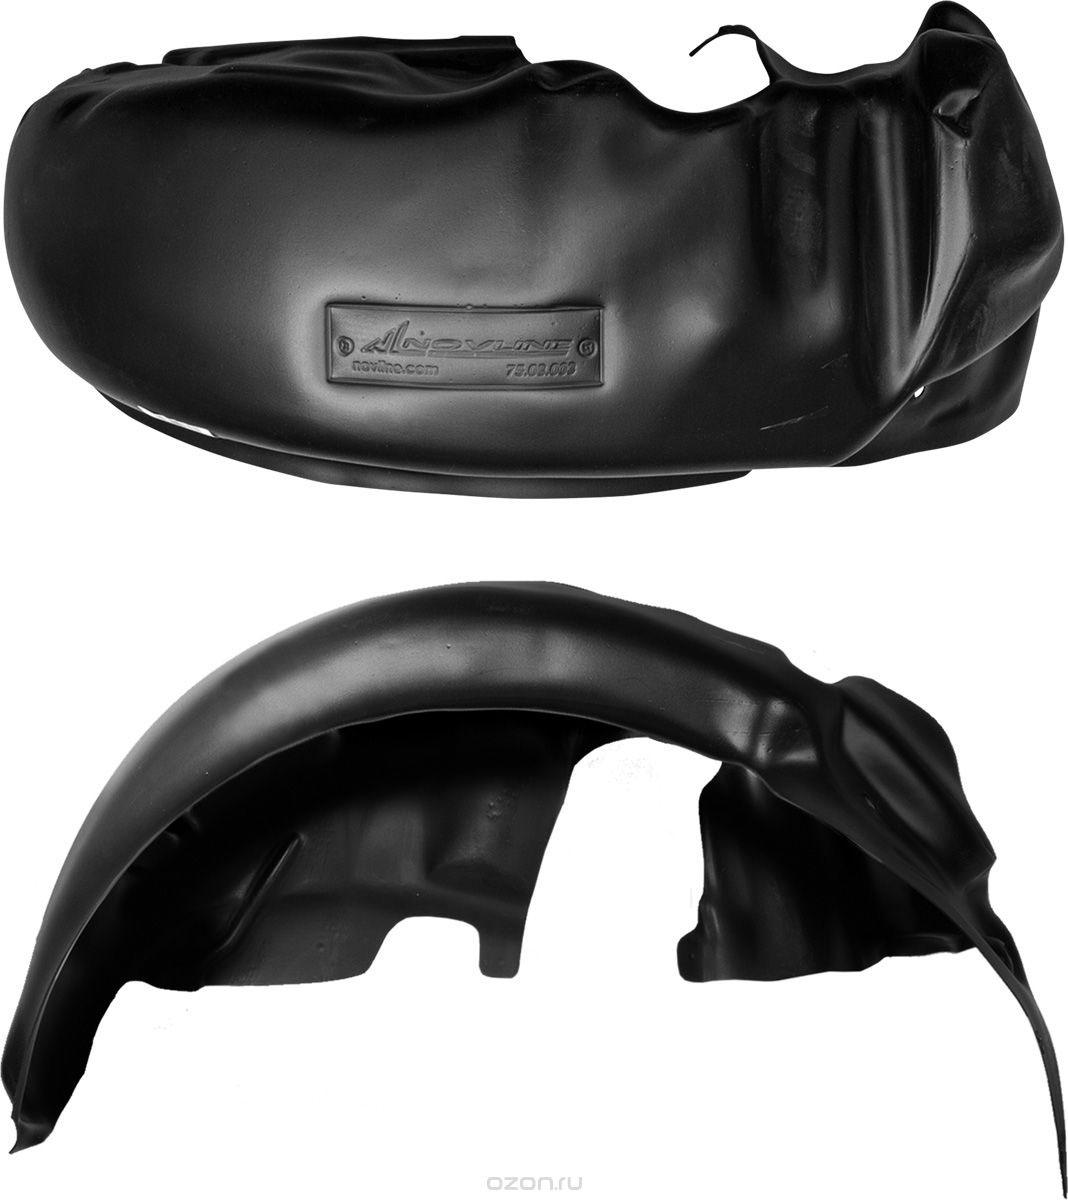 Подкрылок Novline-Autofamily, для NISSAN Qashqai+2 2008-2013, задний левый42803004Идеальная защита колесной ниши. Локеры разработаны с применением цифровых технологий, гарантируют максимальную повторяемость поверхности арки. Изделия устанавливаются без нарушения лакокрасочного покрытия автомобиля, каждый подкрылок комплектуется крепежом. Уважаемые клиенты, обращаем ваше внимание, что фотографии на подкрылки универсальные и не отражают реальную форму изделия. При этом само изделие идет точно под размер указанного автомобиля.